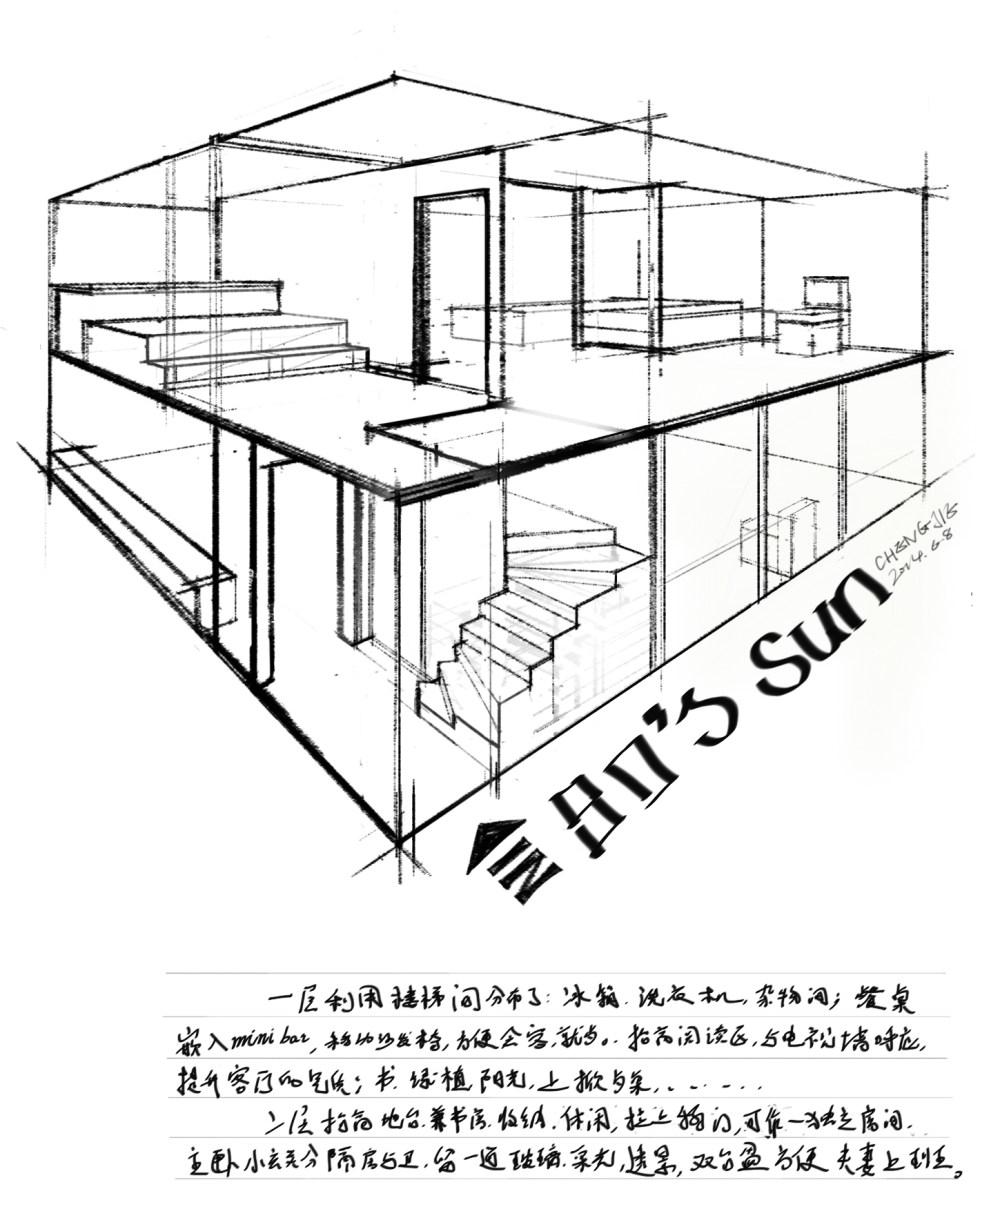 【第九期-住宅平面优化】一个40m²loft户型11个方案 投票奖励DB_08-0.jpg